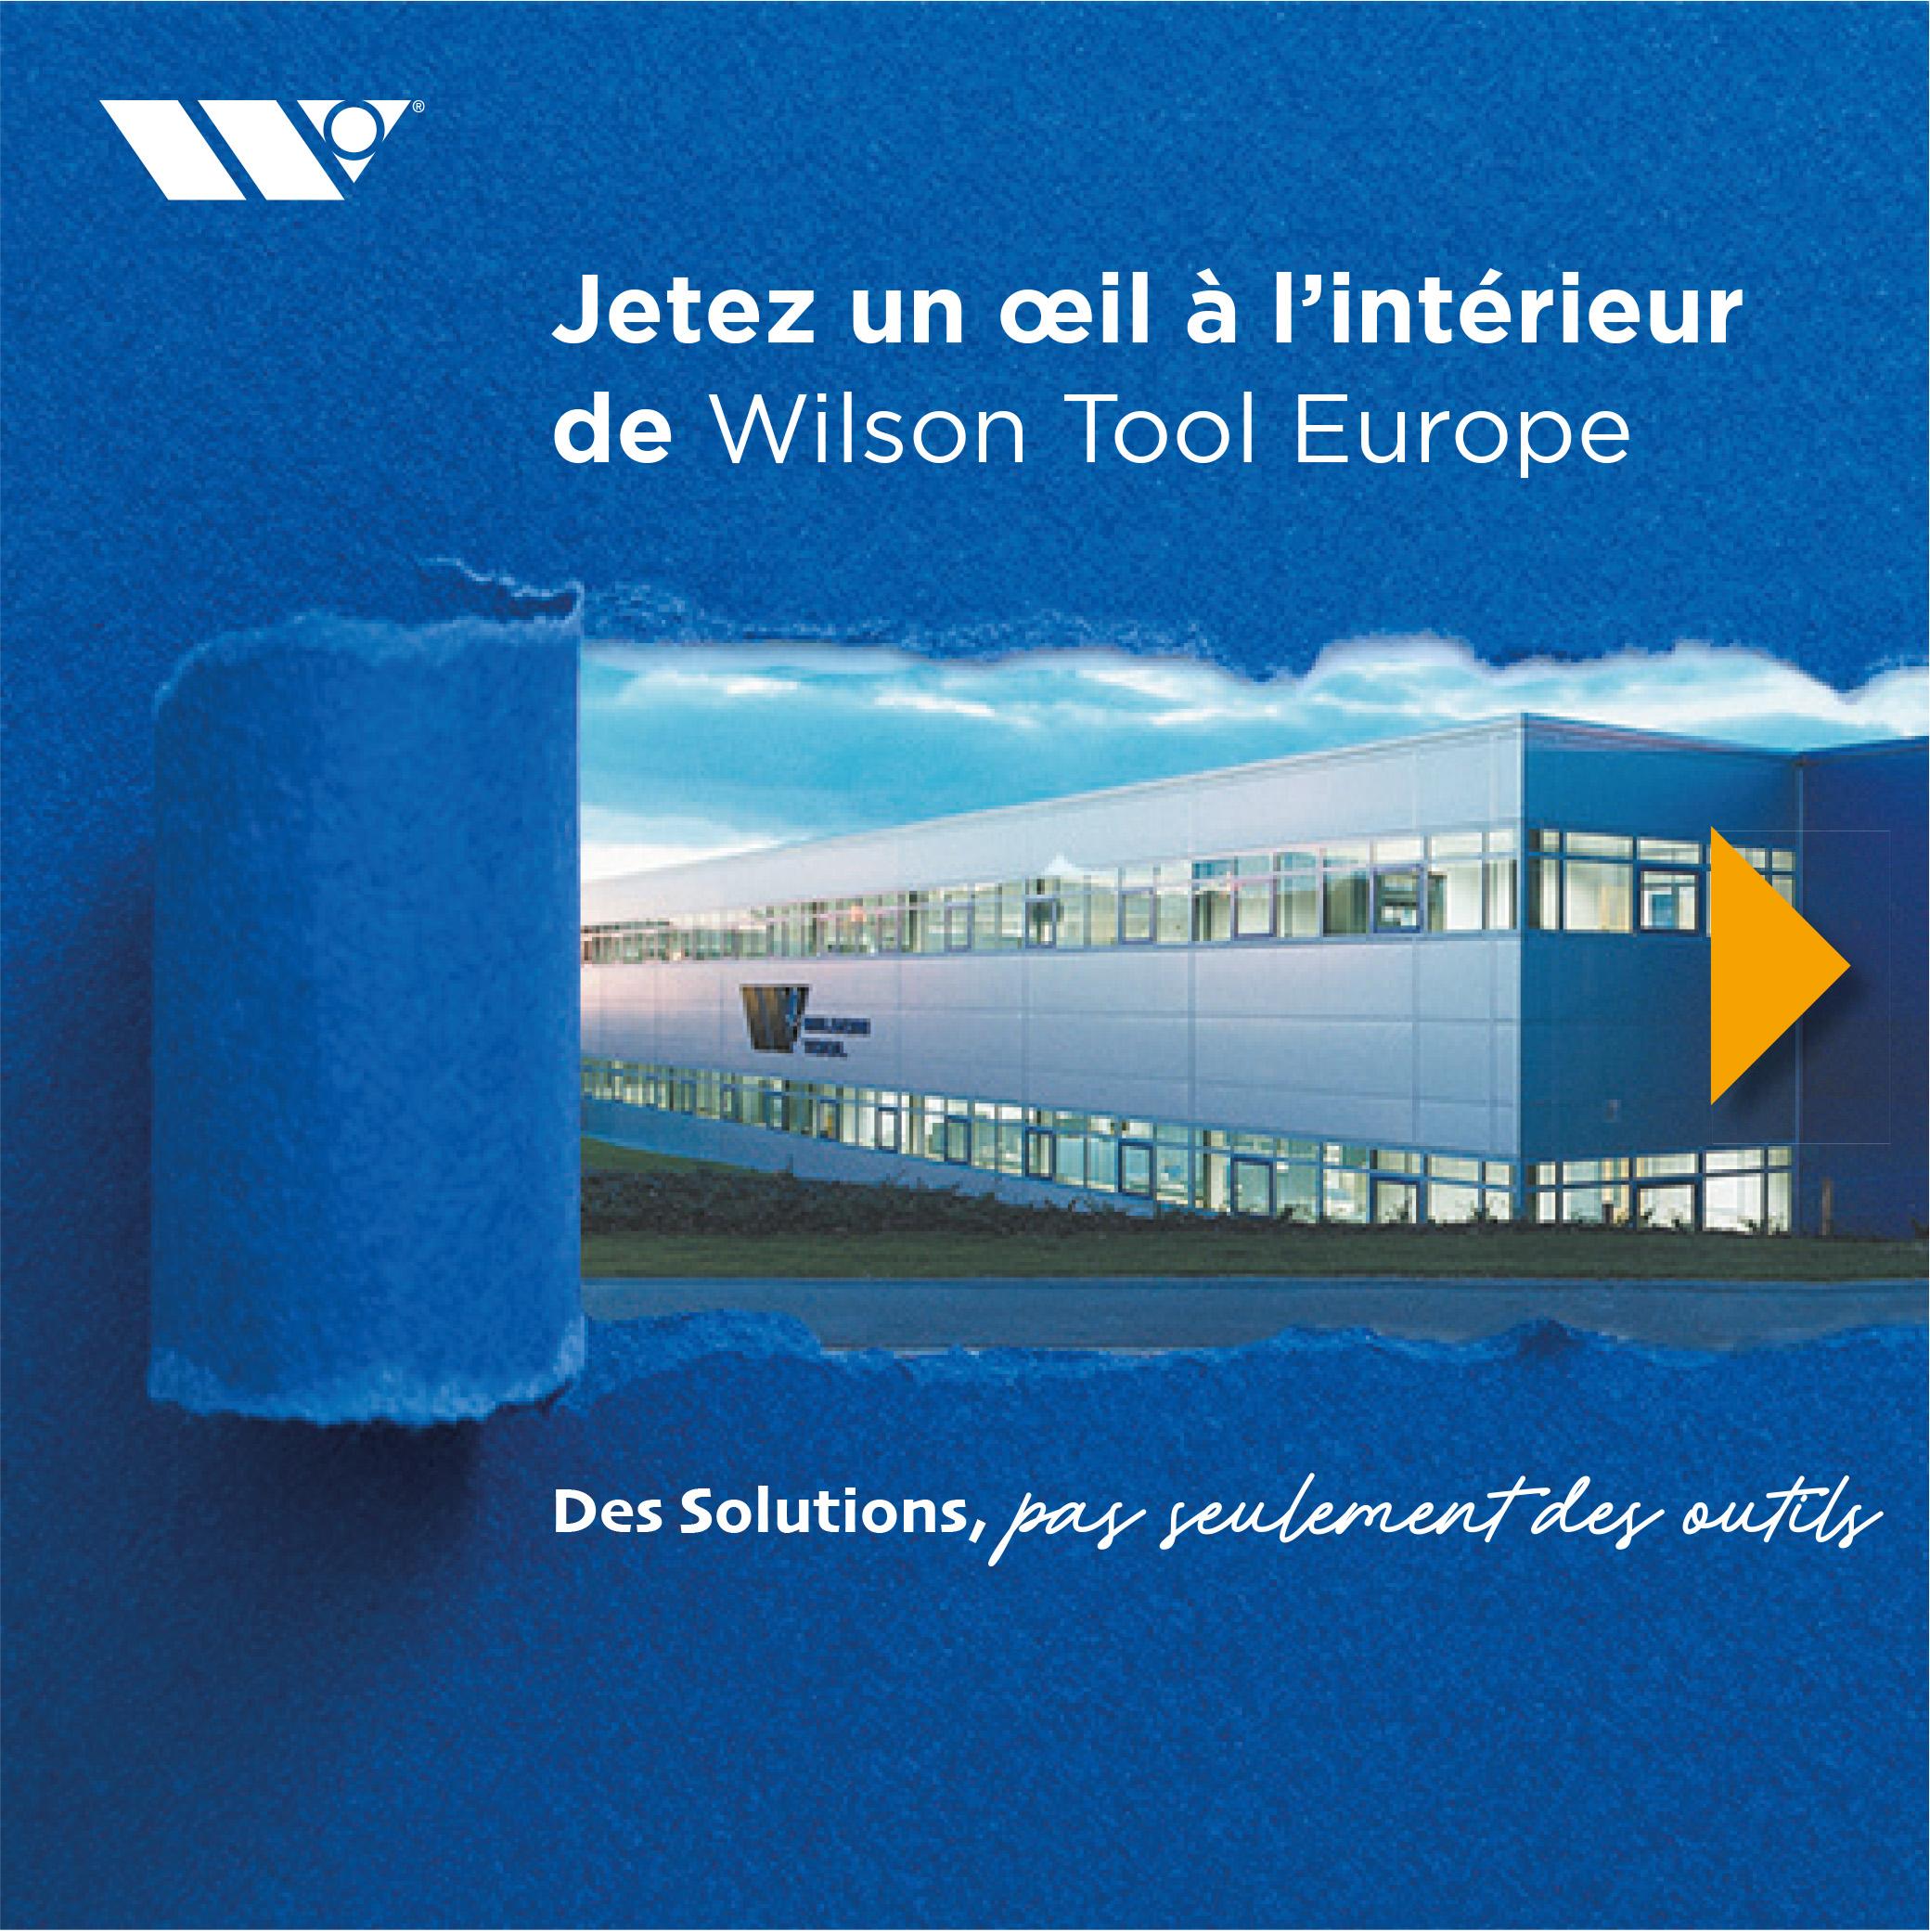 Jetez un œil à l'intérieur de Wilson Tool Europe